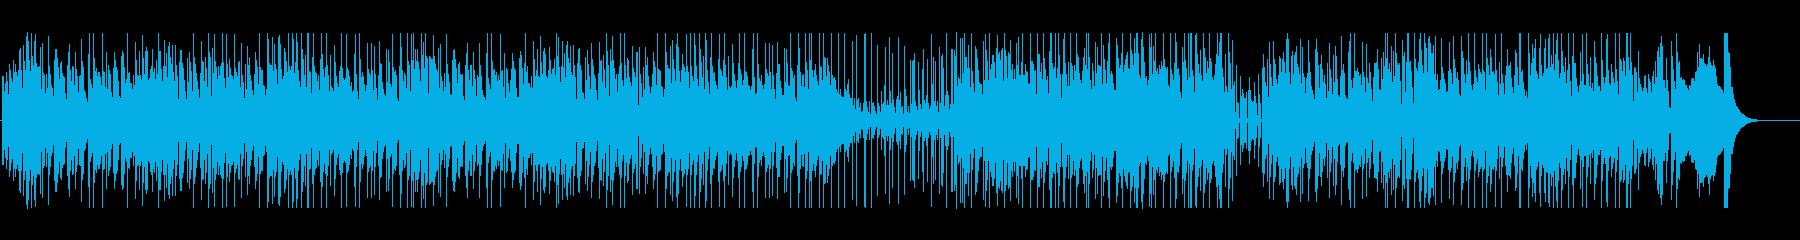 ちょっとイナたいロックンロールの再生済みの波形